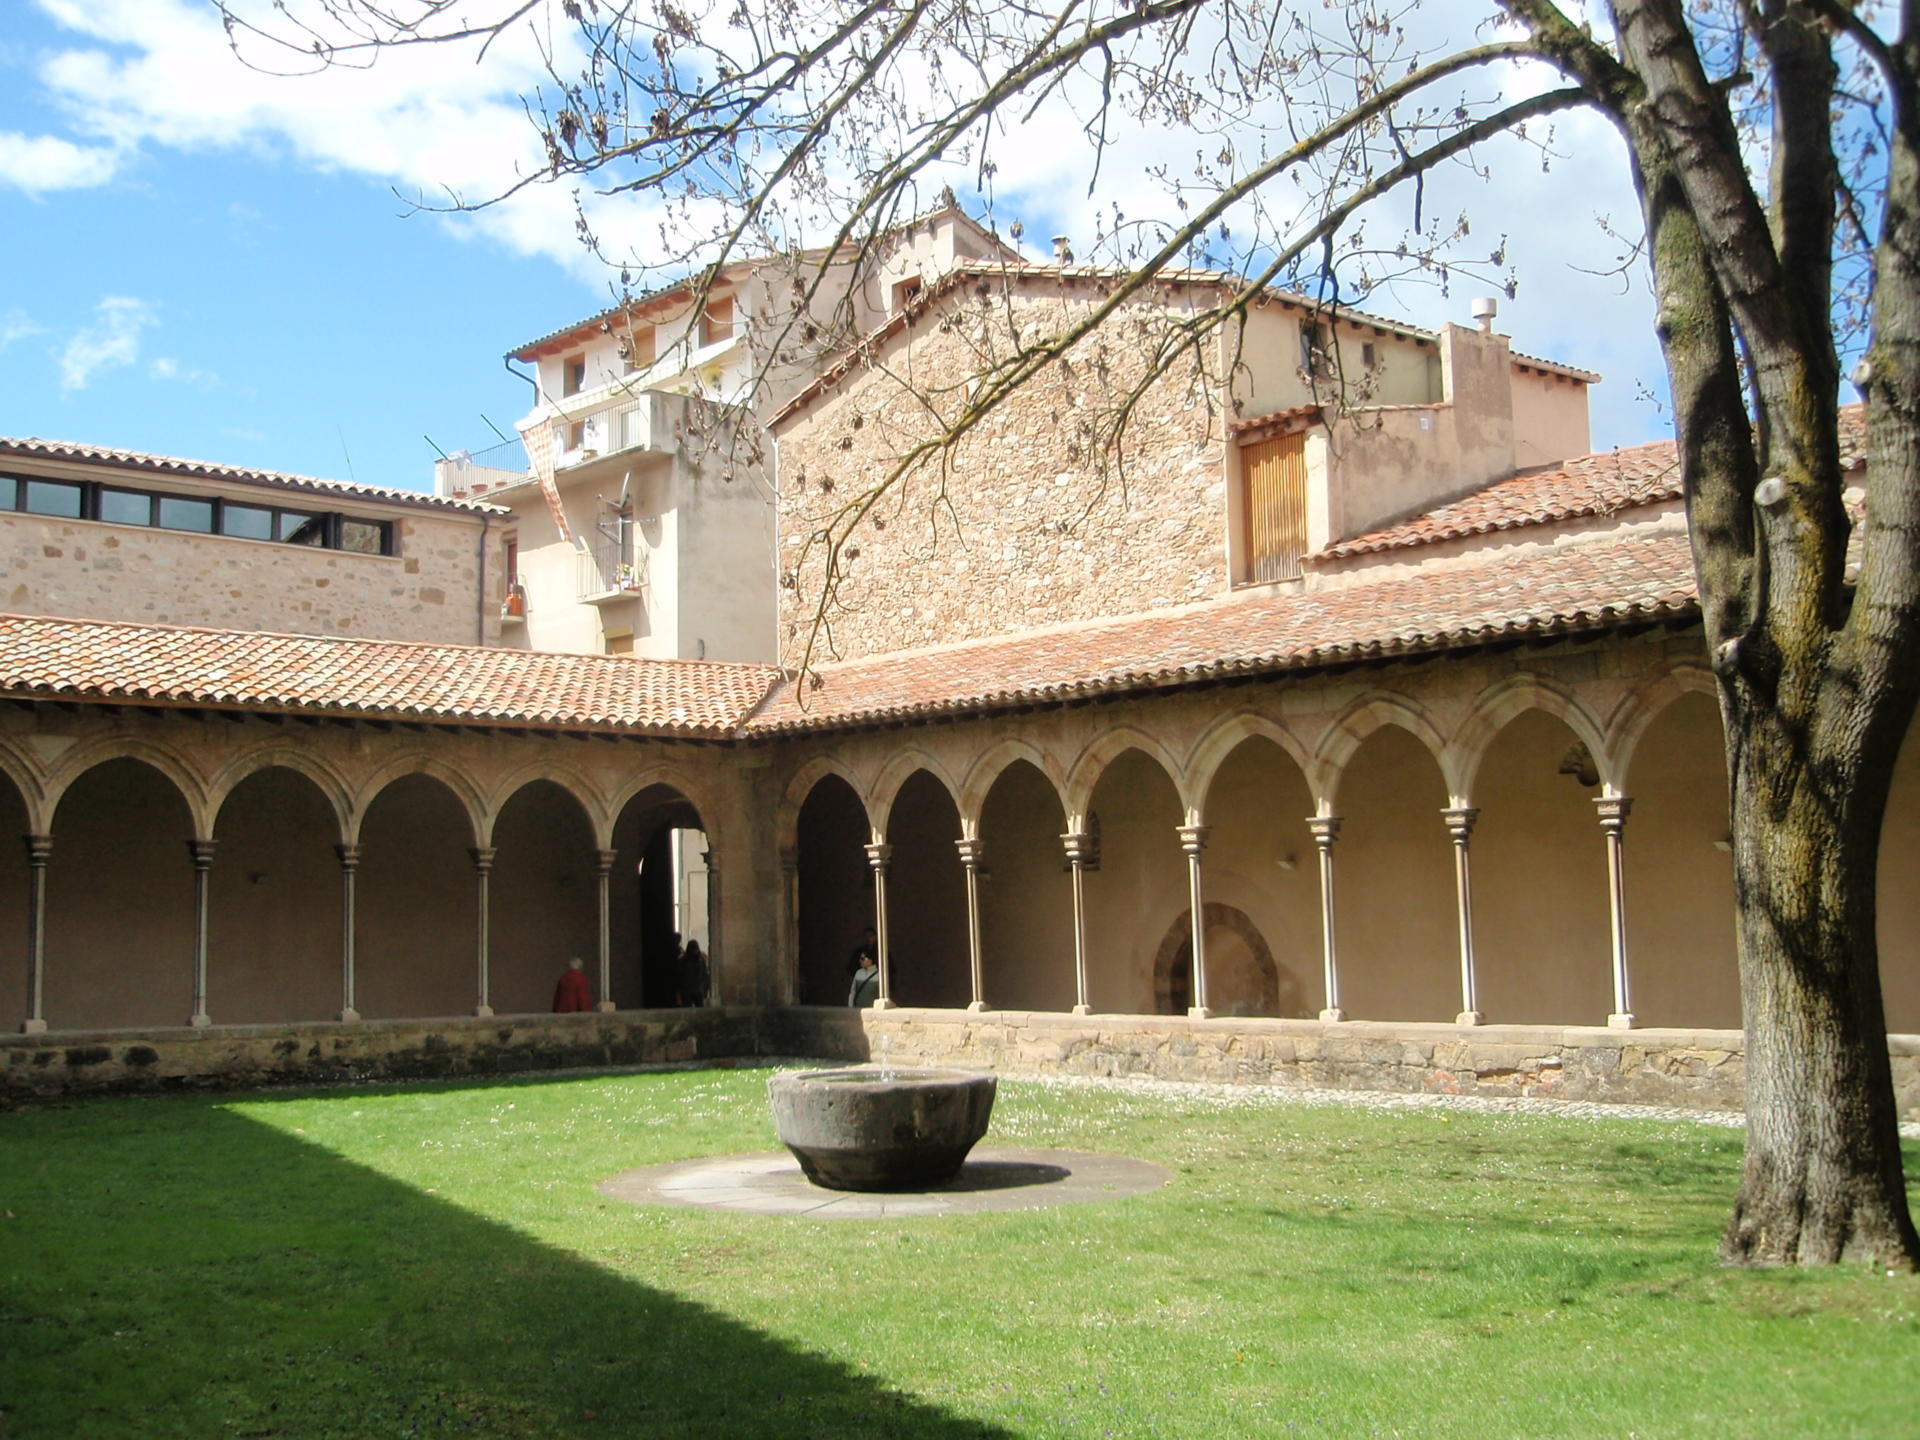 Claustre del Monestir de Sant Joan de les Abadesses. Wikicommons.